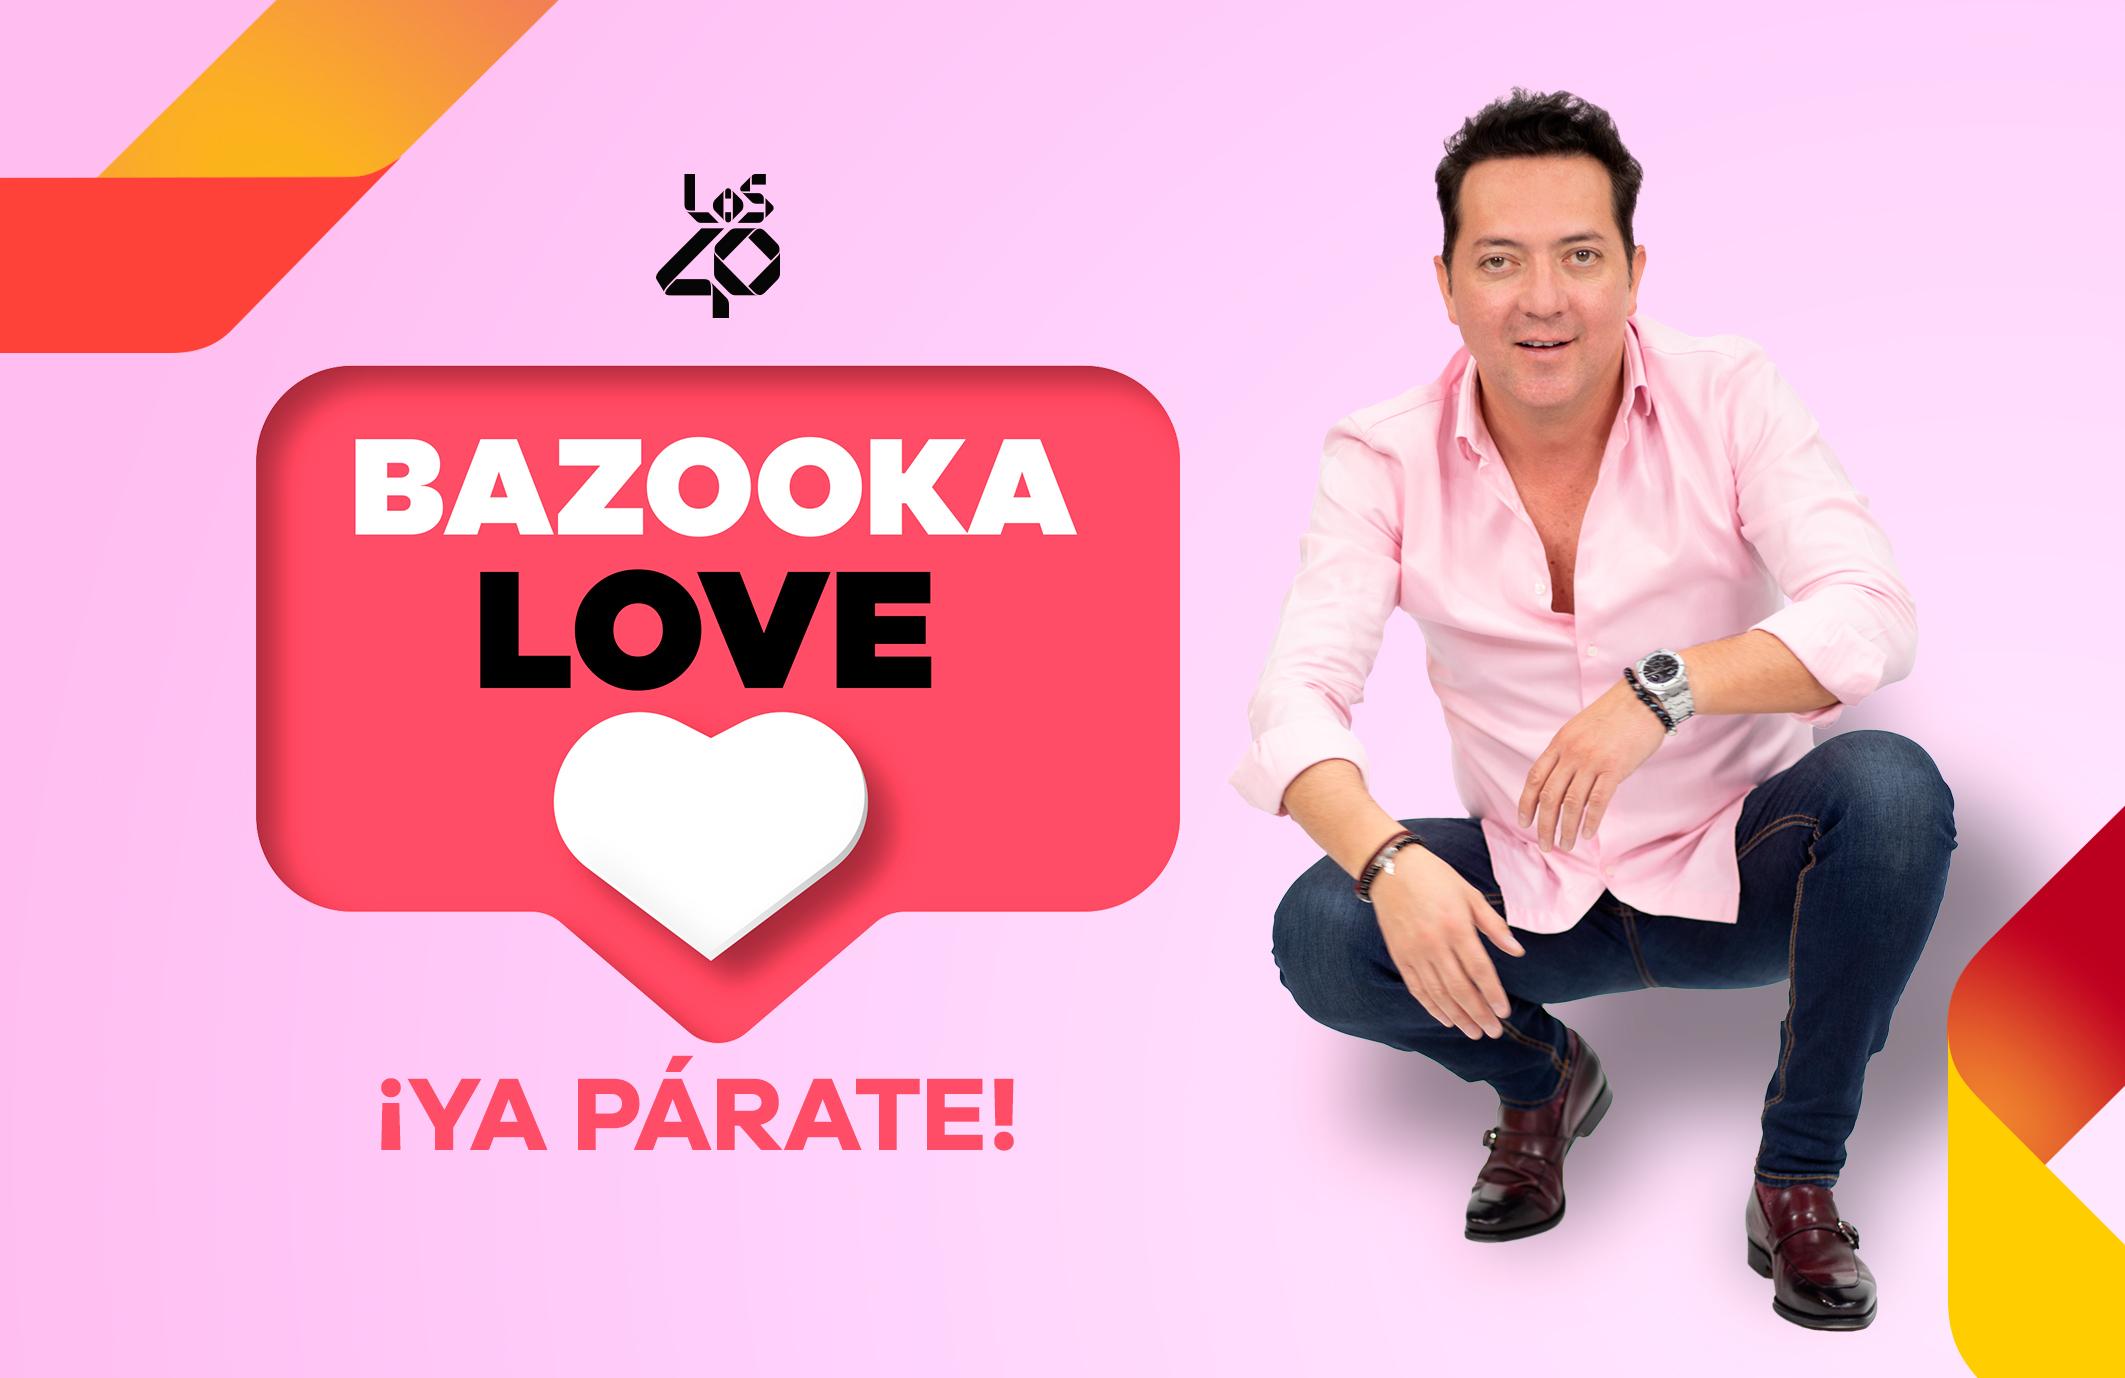 #BazookaLove ¿qué harías tú en la situación de nuestro paciente?